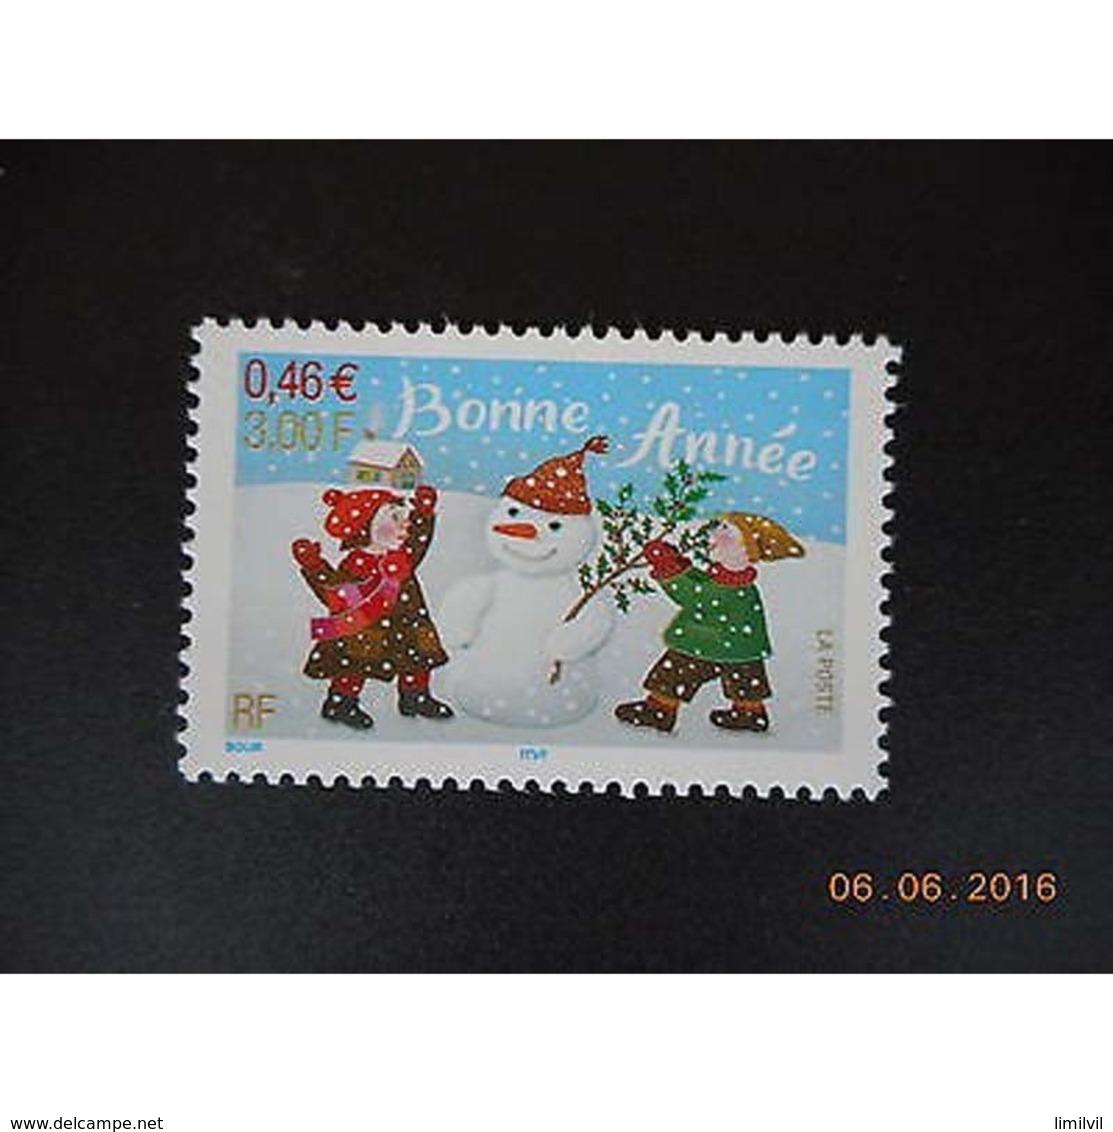 Timbre N° 3437 Neuf ** - Bonne Année. Enfants Et Bonhomme De Neige. - France